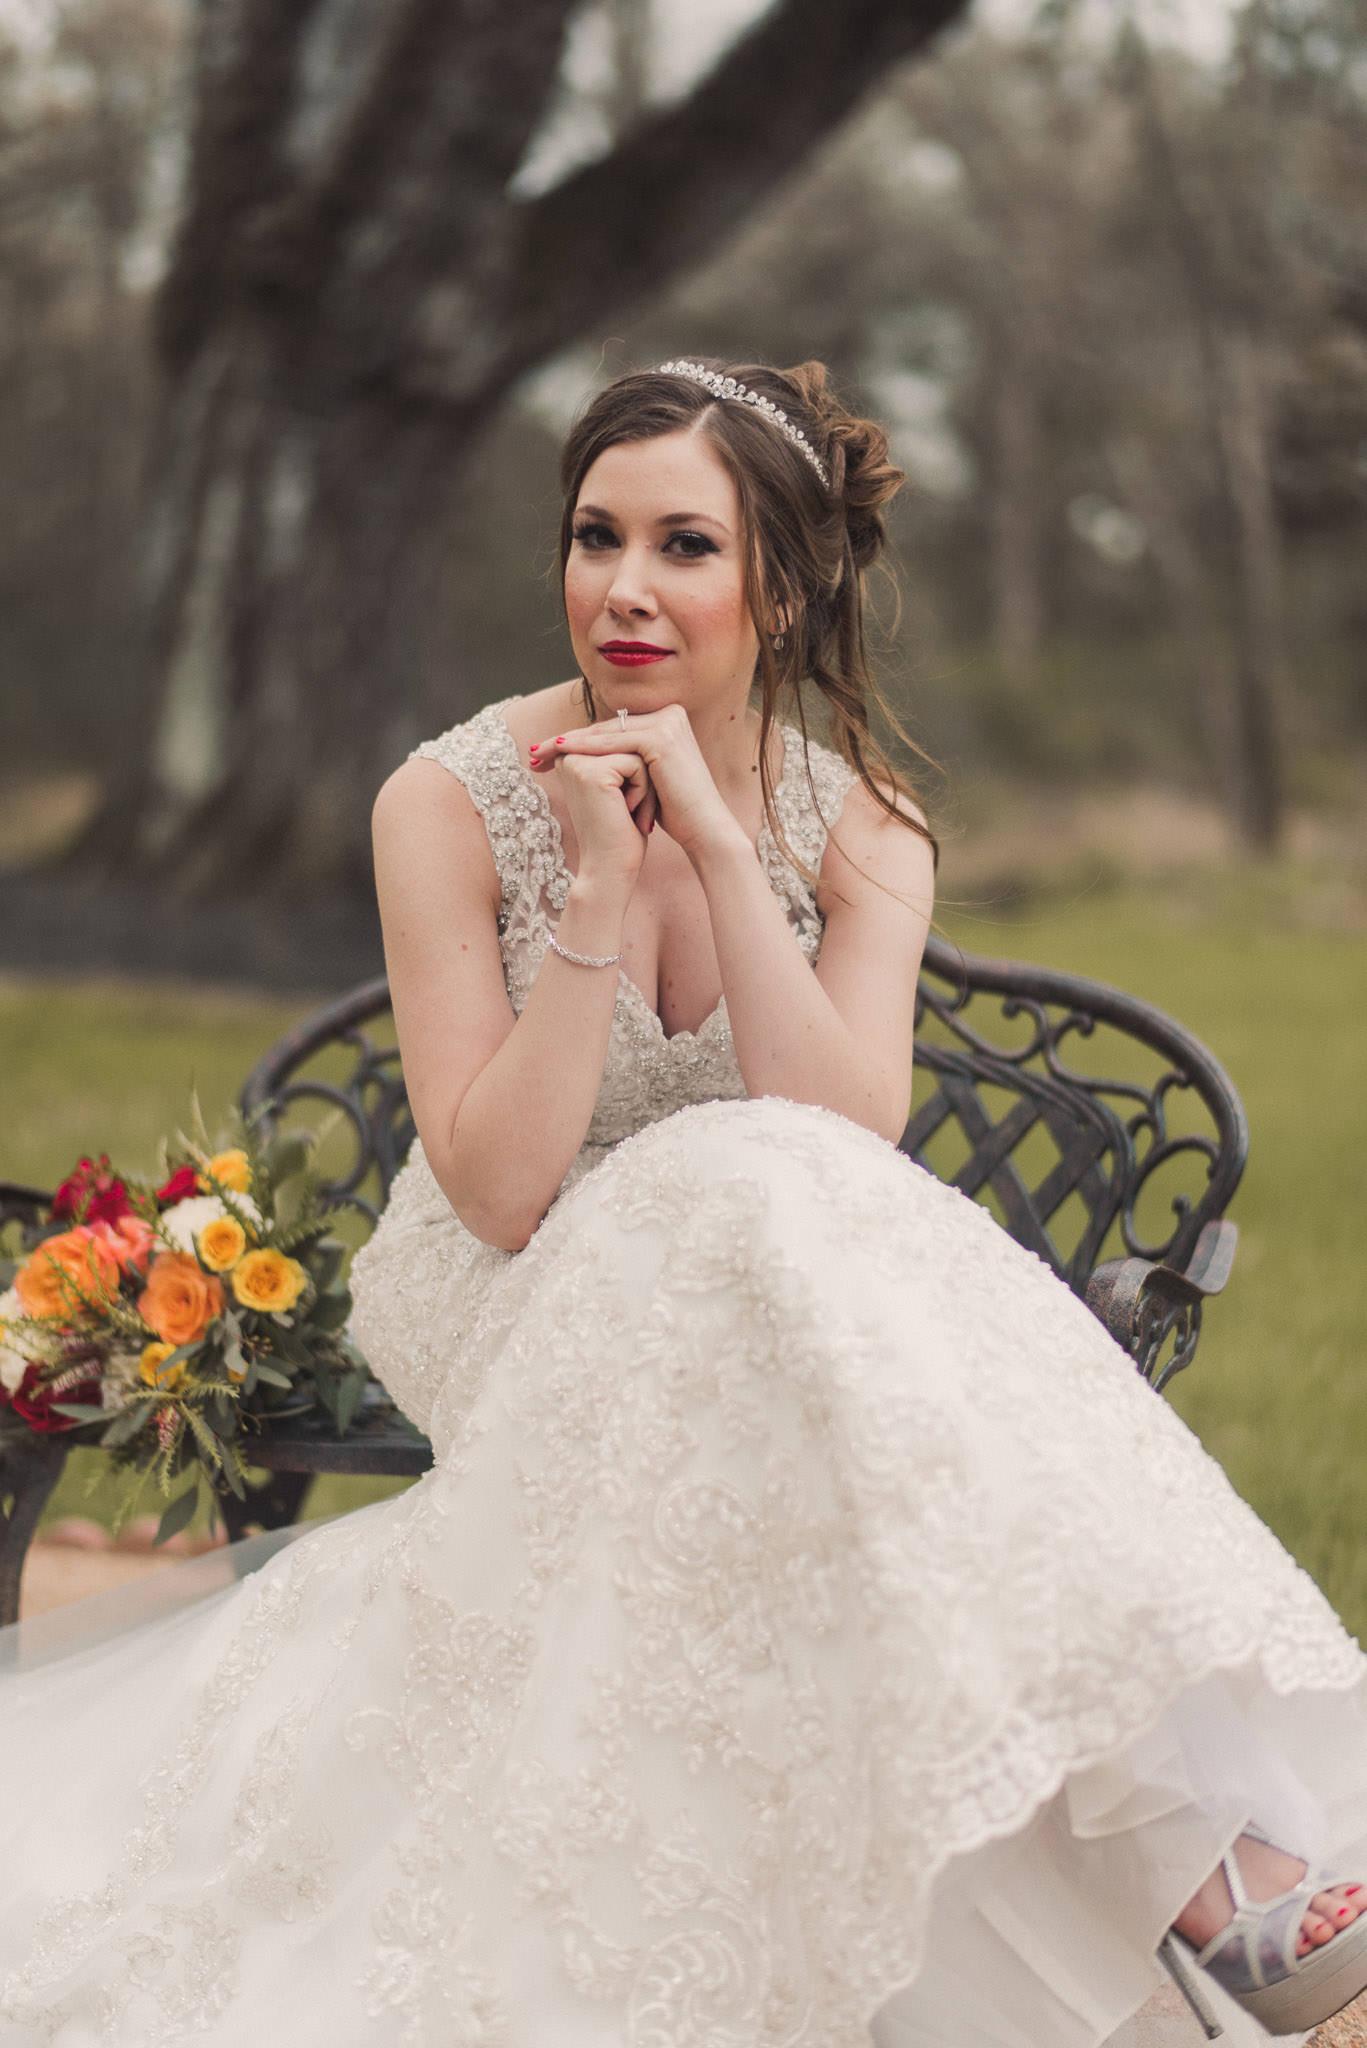 Adrianna-Garcia-Bridal-sm-13.jpg